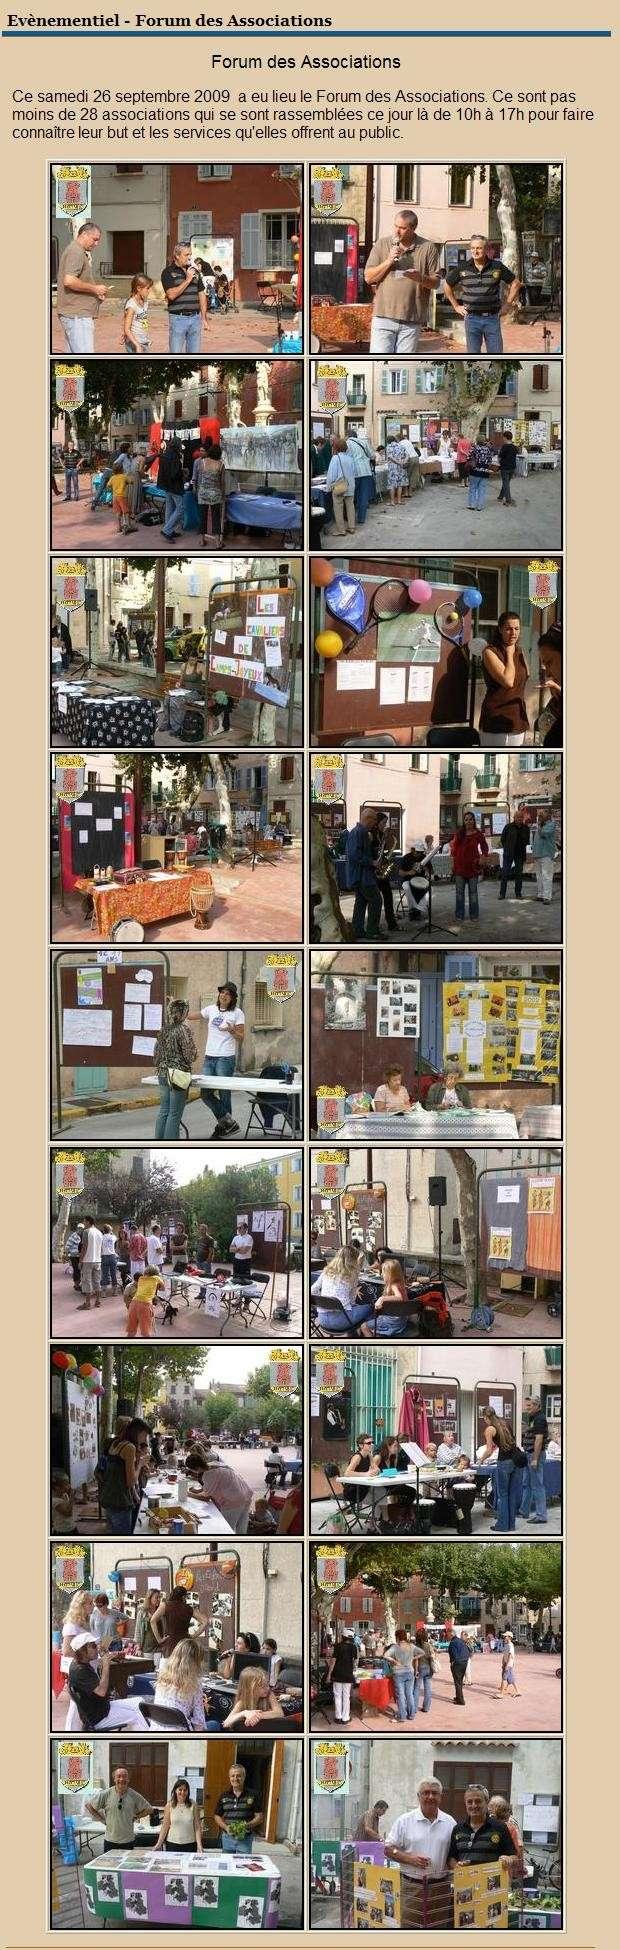 STAND FULL POWER TEAM - JOURNEE DES ASSOCIATIONS A PUGET-VILLE - 26/09/09 Forum_14